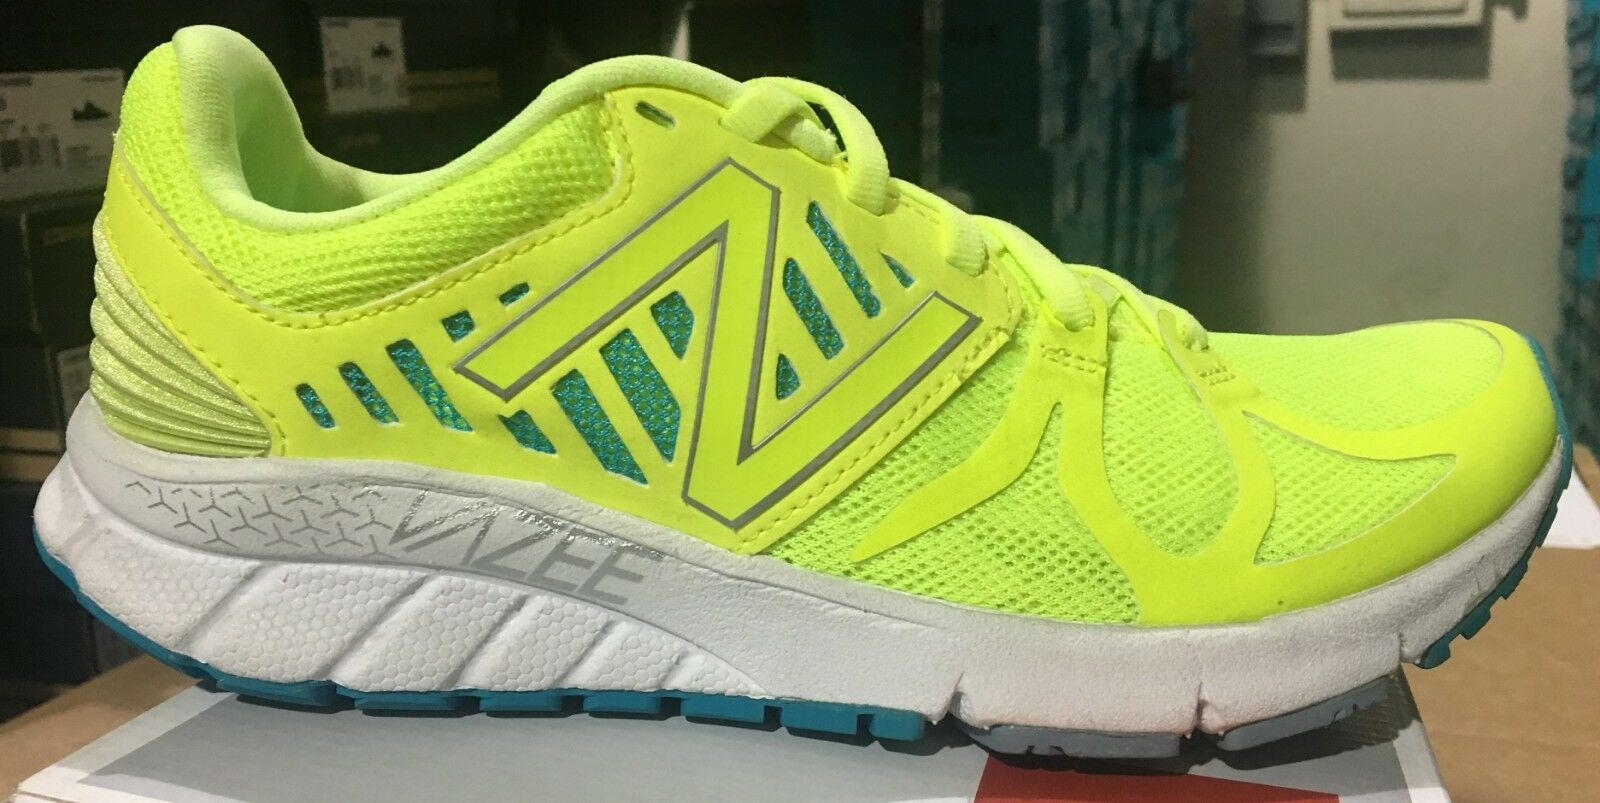 NEW BALANCE VAZEE  Women's Running Training shoes WRUSHYL  Yellow White  L